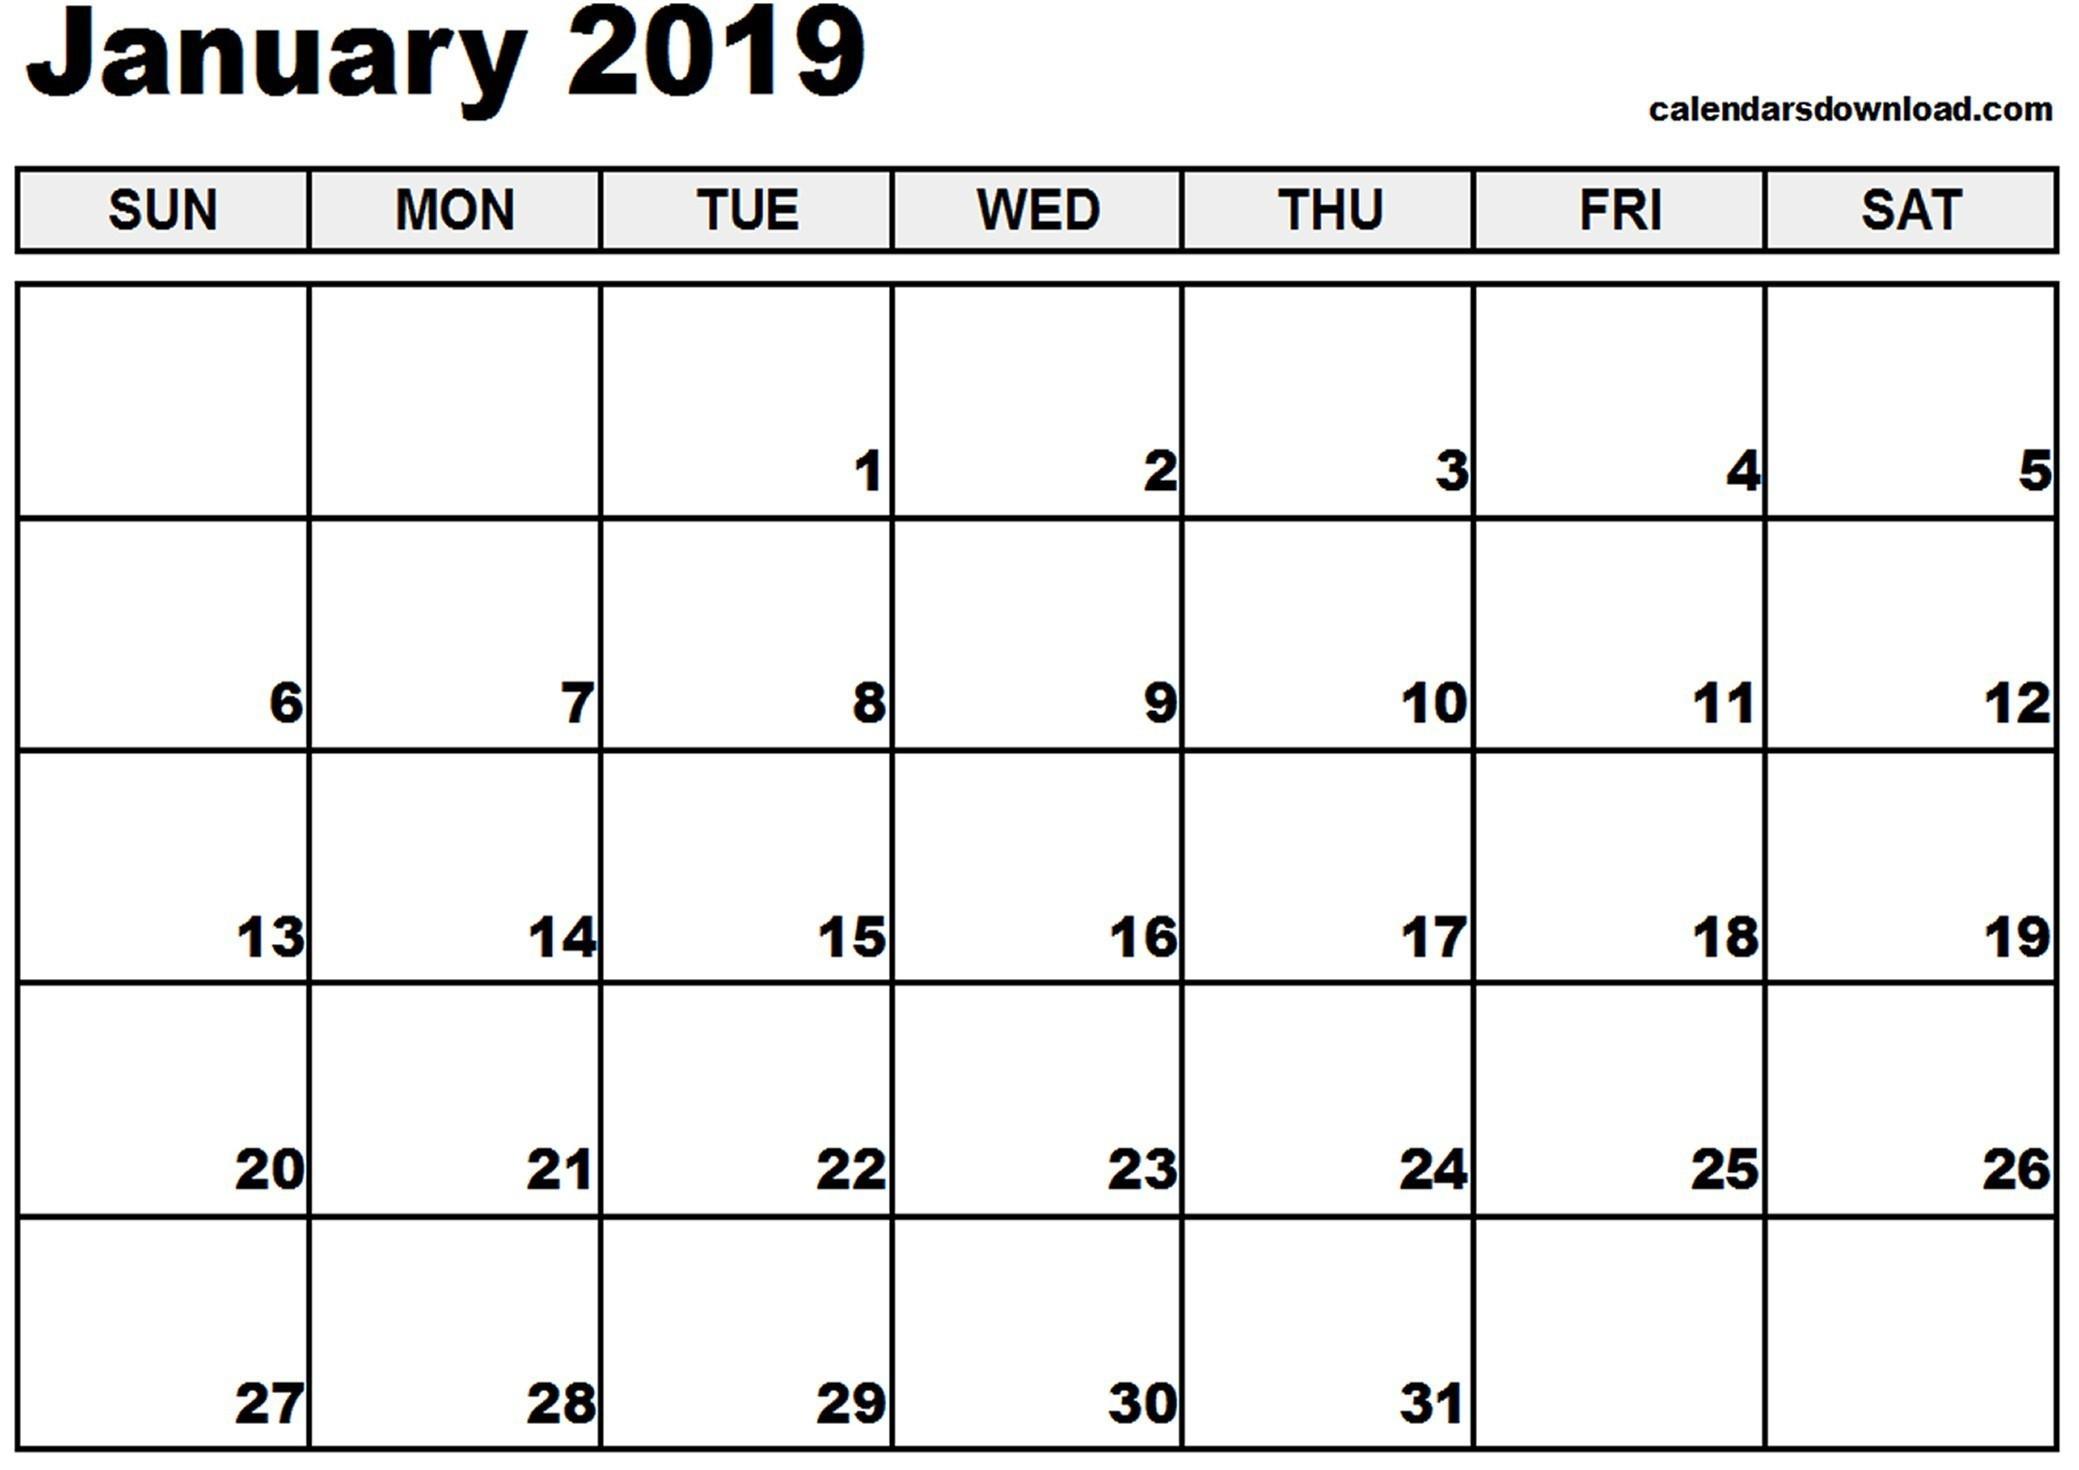 March Calendar Calligraphy Más Recientemente Liberado Calendar Sept 2018 to March 2019 Of March Calendar Calligraphy Más Recientes 007 Blank Calendar Printable Template March Excel Uohrjx Tweyig Free